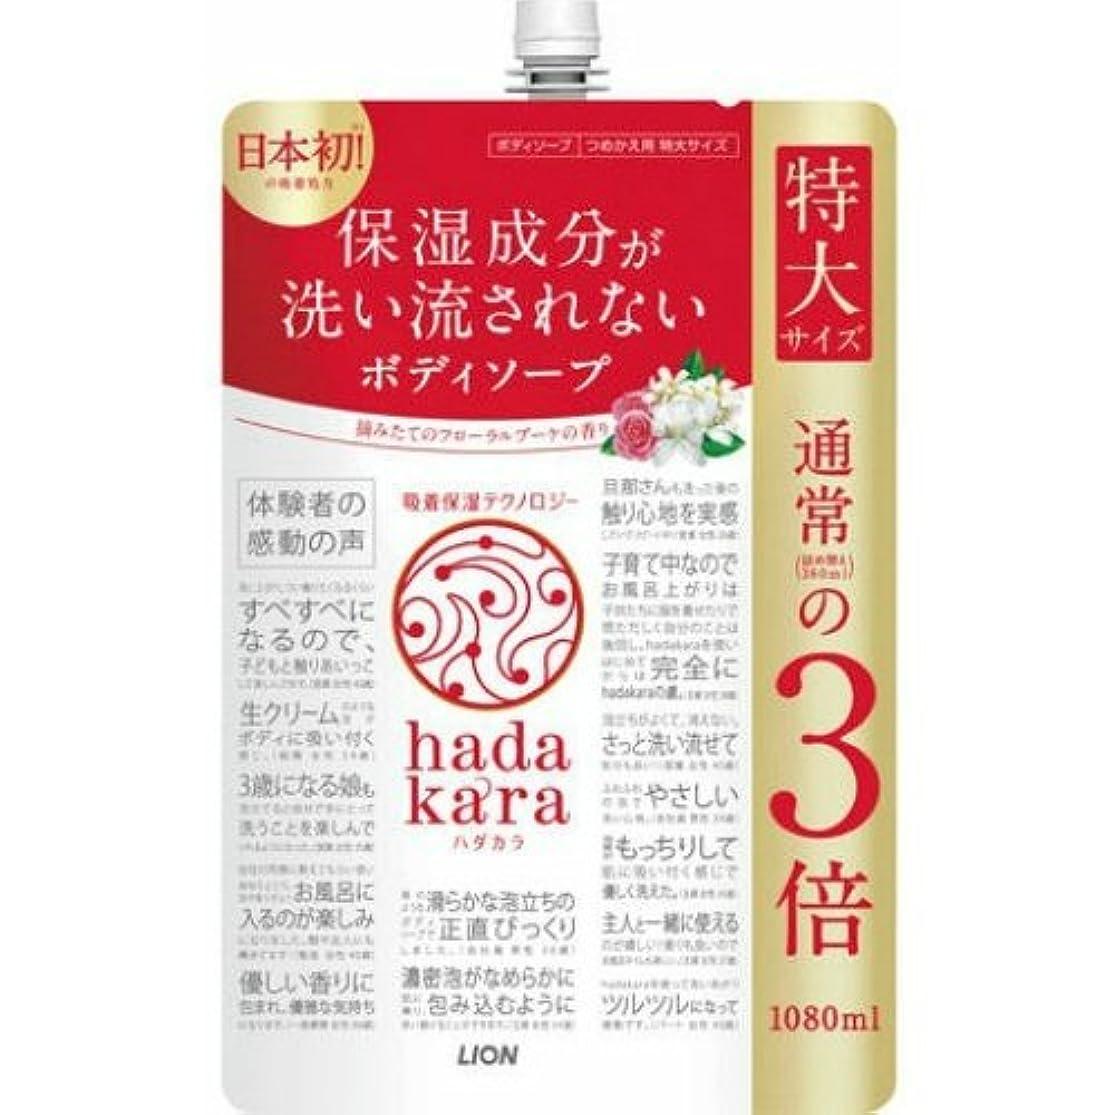 新年そばにあいまいなLION ライオン hadakara ハダカラ ボディソープ フローラルブーケの香り つめかえ用 特大サイズ 1080ml ×3点セット(4903301260875)